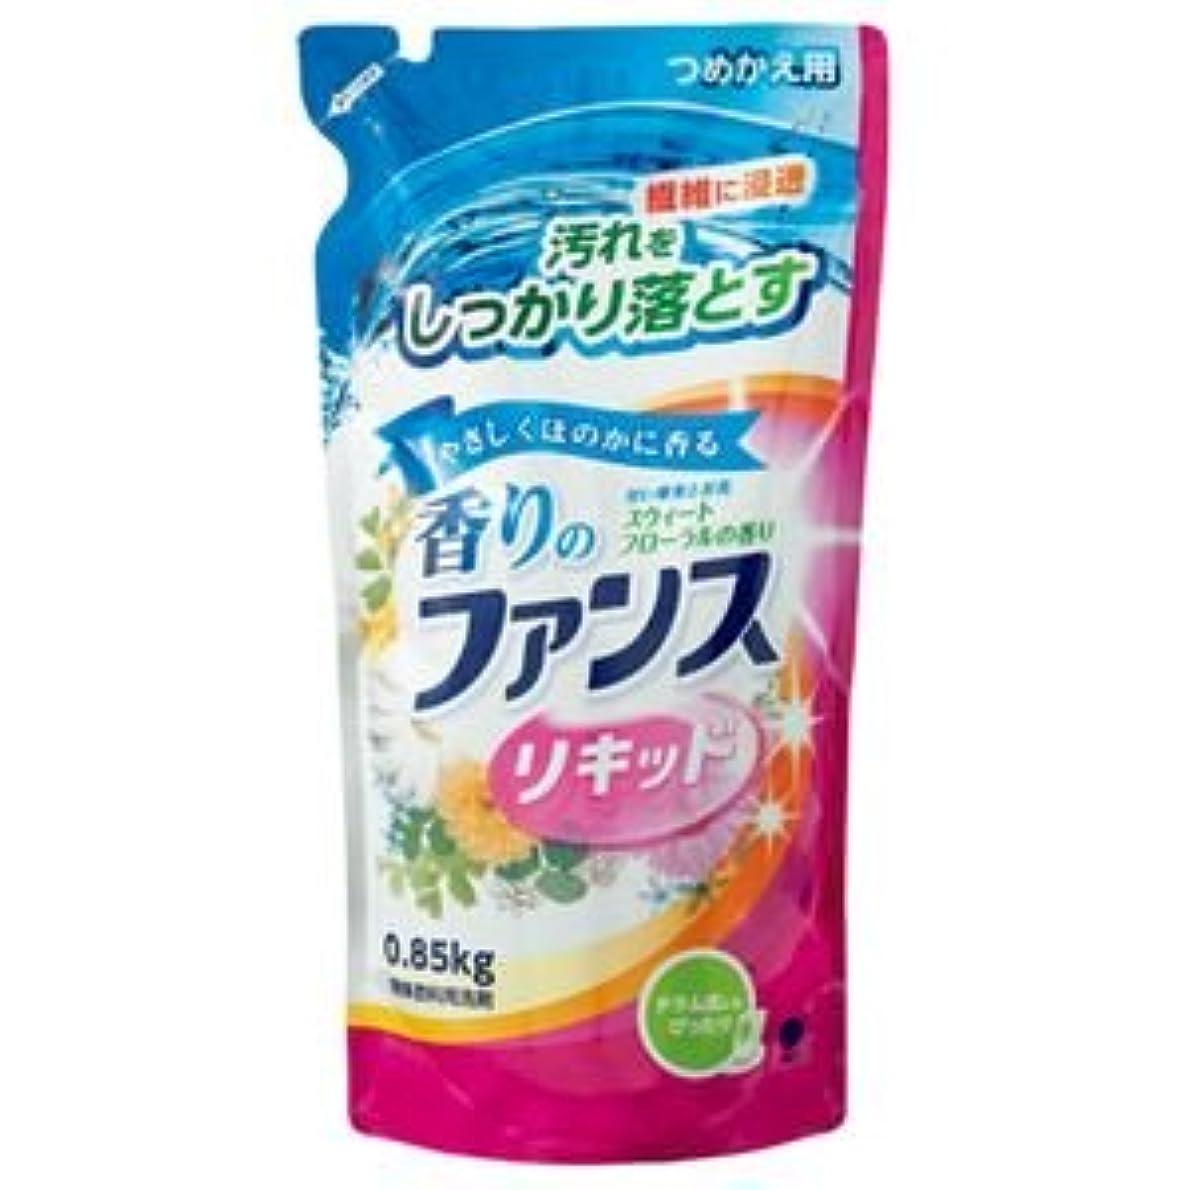 先のことを考える歪める丈夫(まとめ) 第一石鹸 香りのファンス 液体衣料用洗剤リキッド 詰替用 0.85kg 1個 【×15セット】